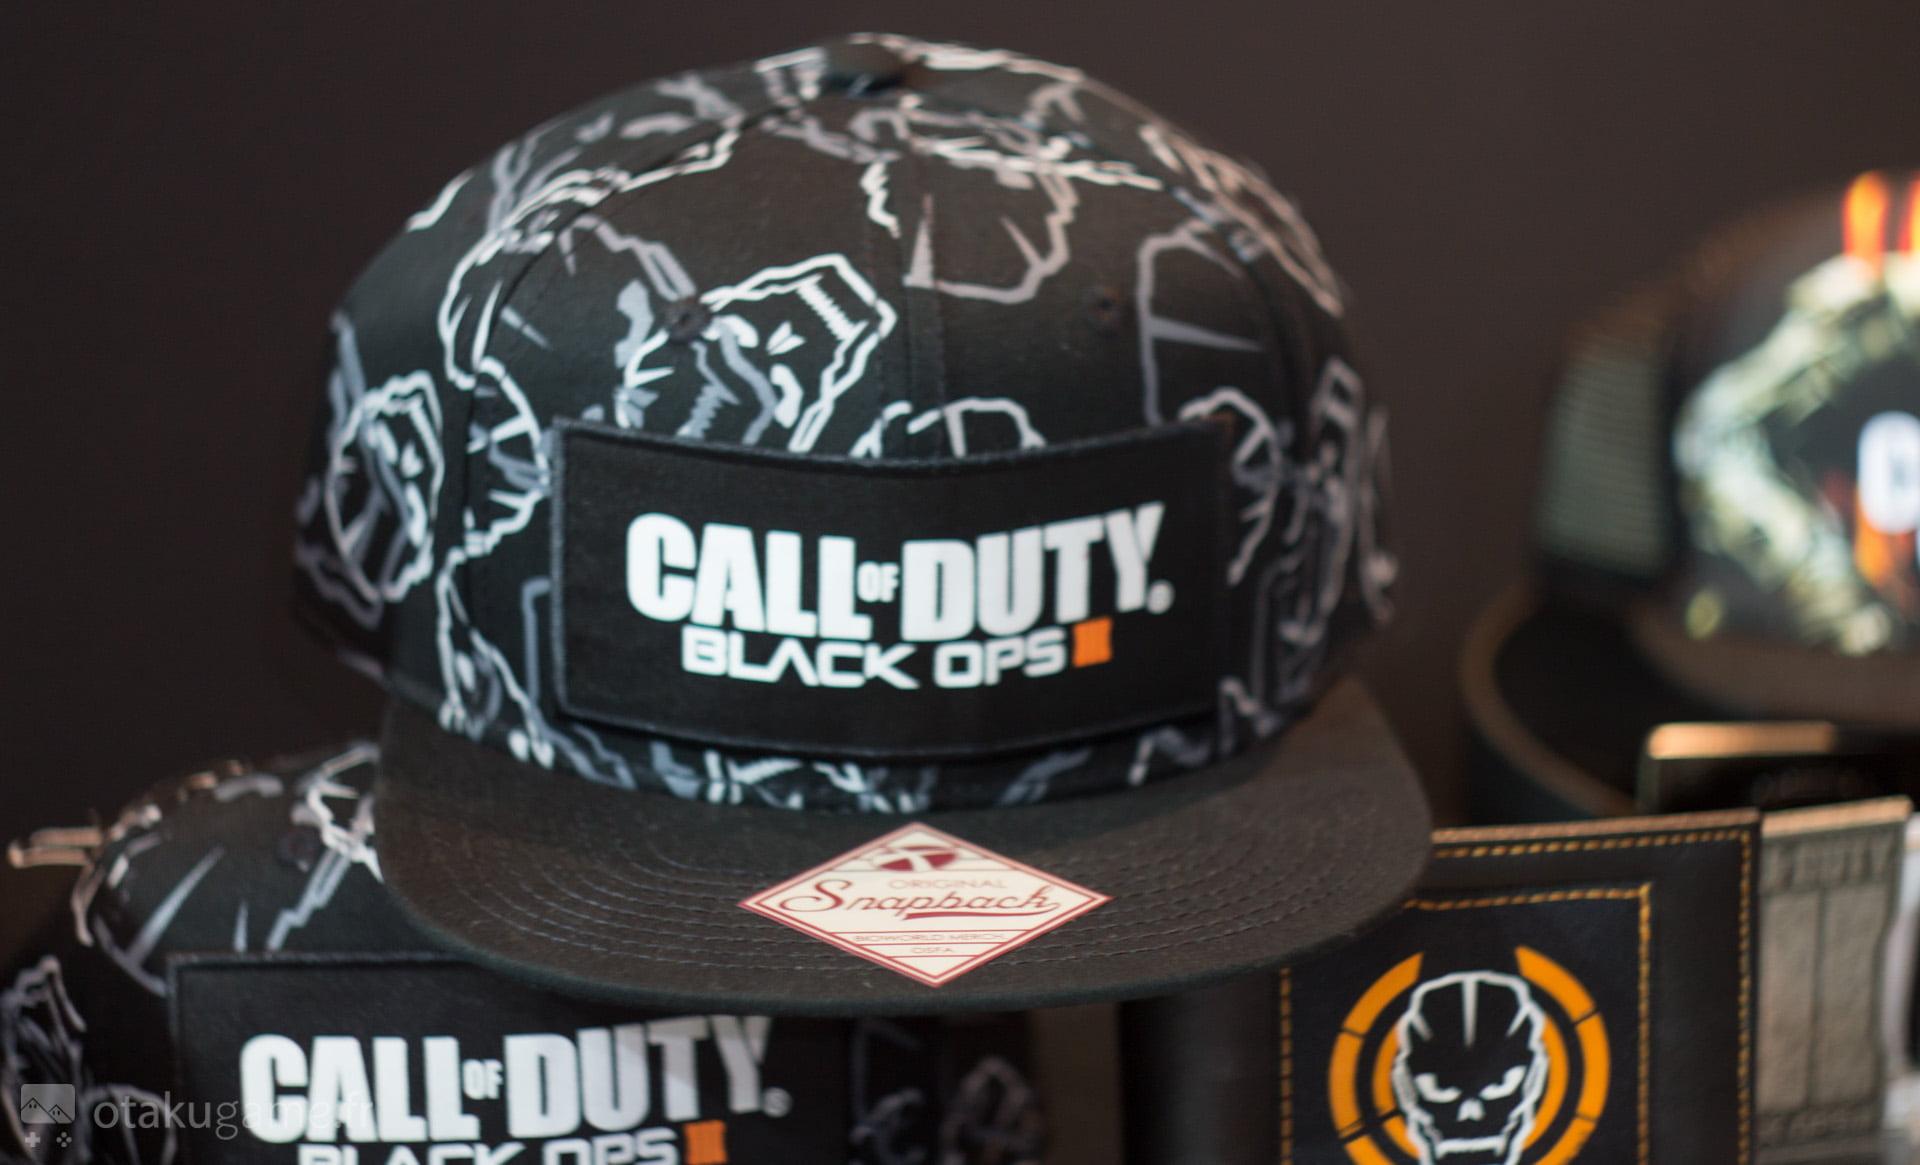 Une autre casquette Call of duty BOP3